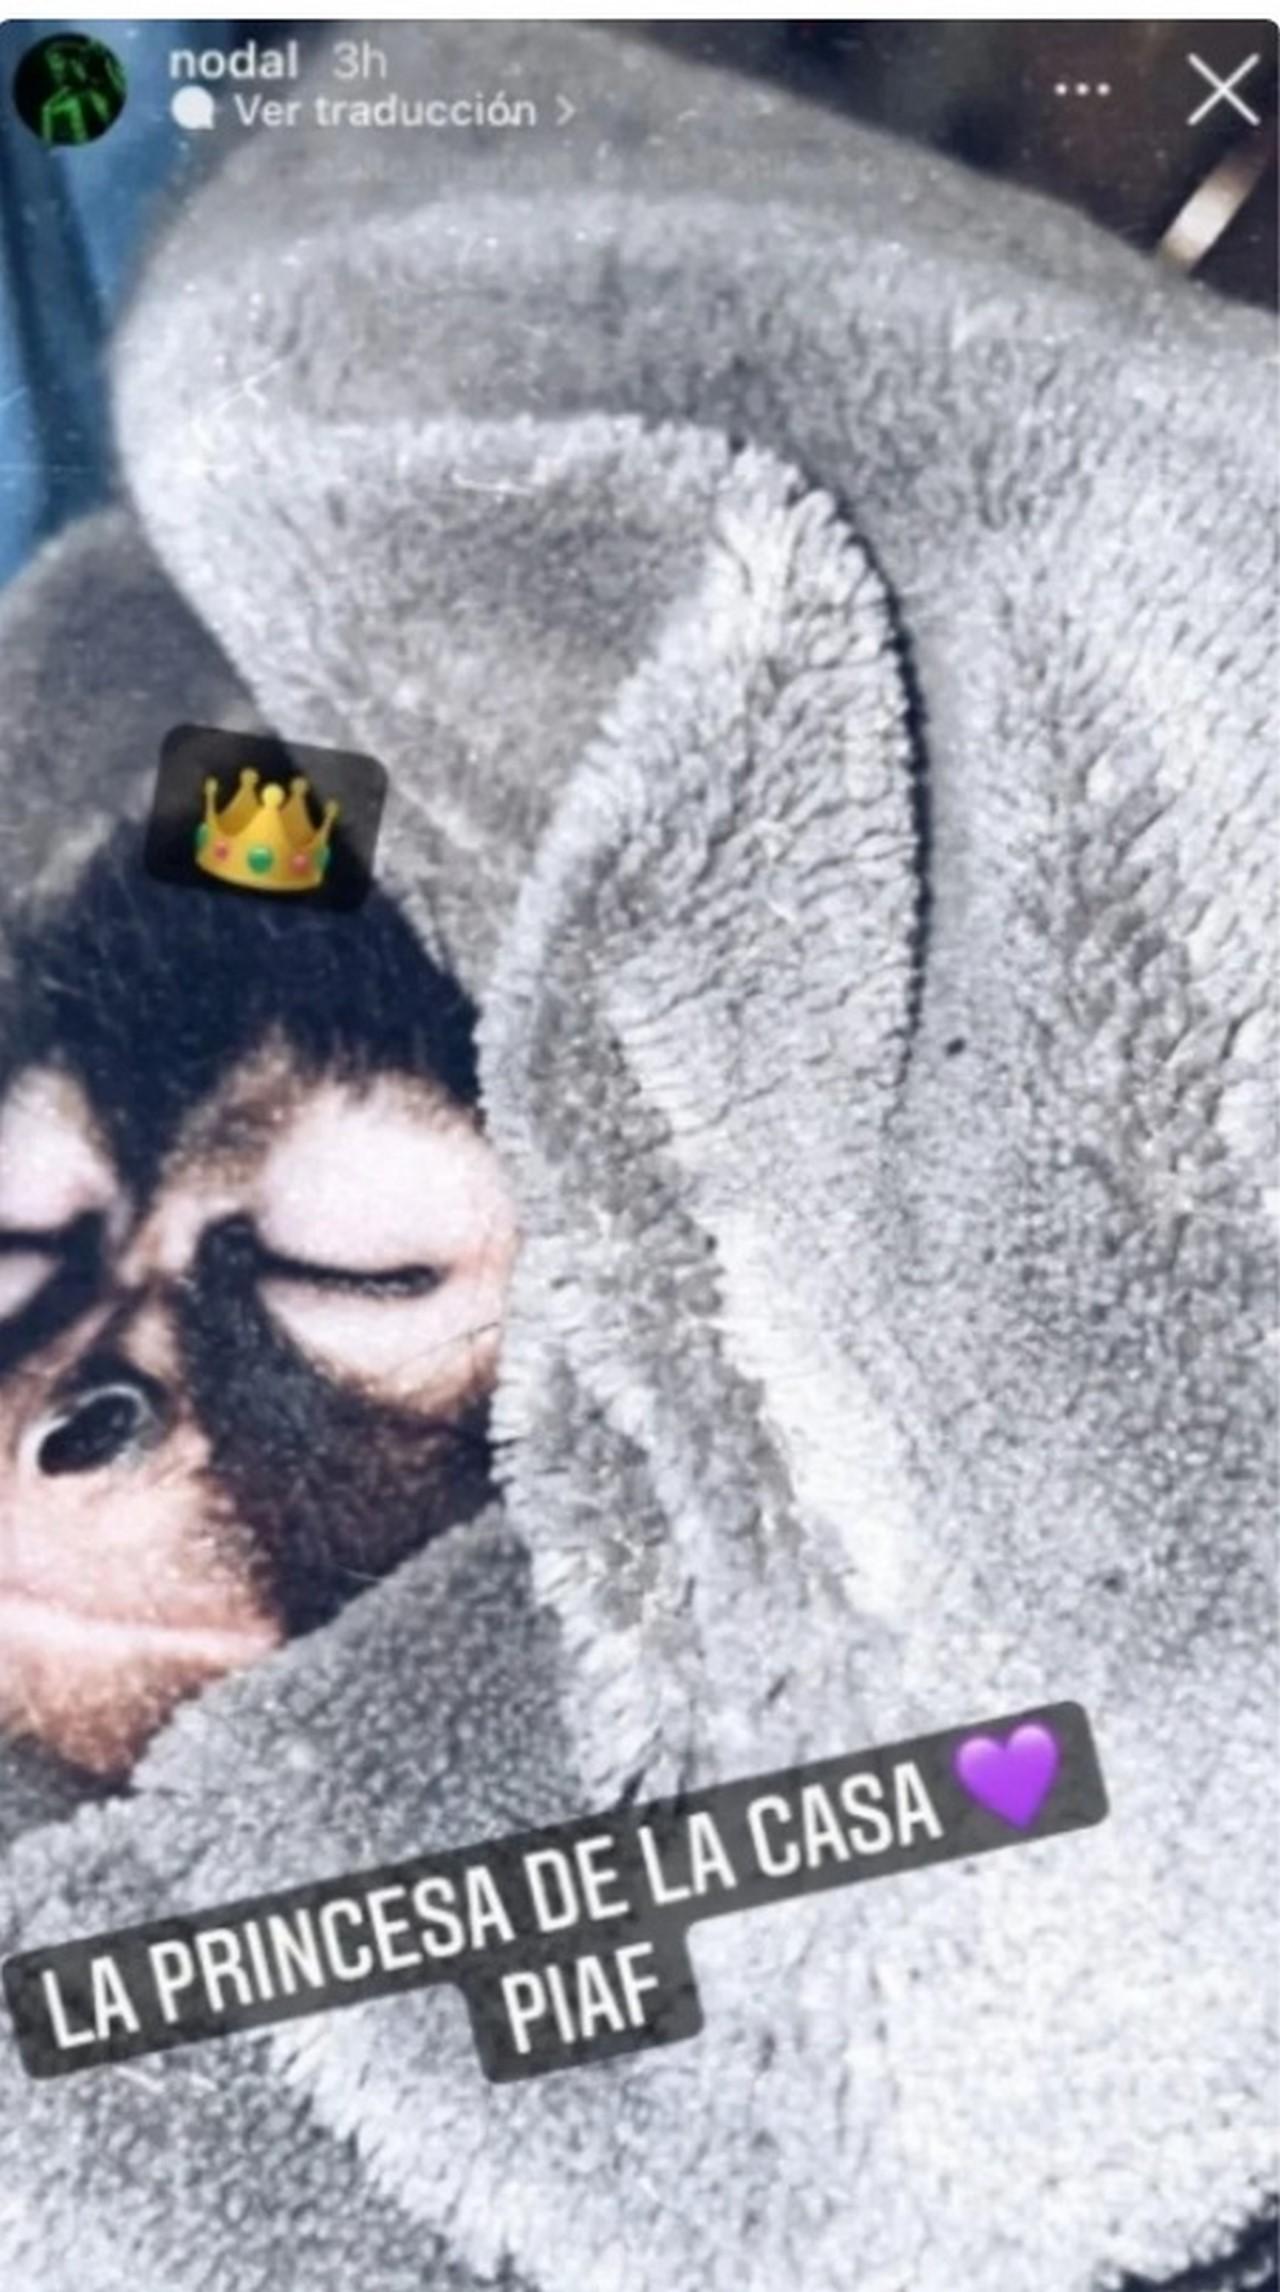 nodal mono mascota